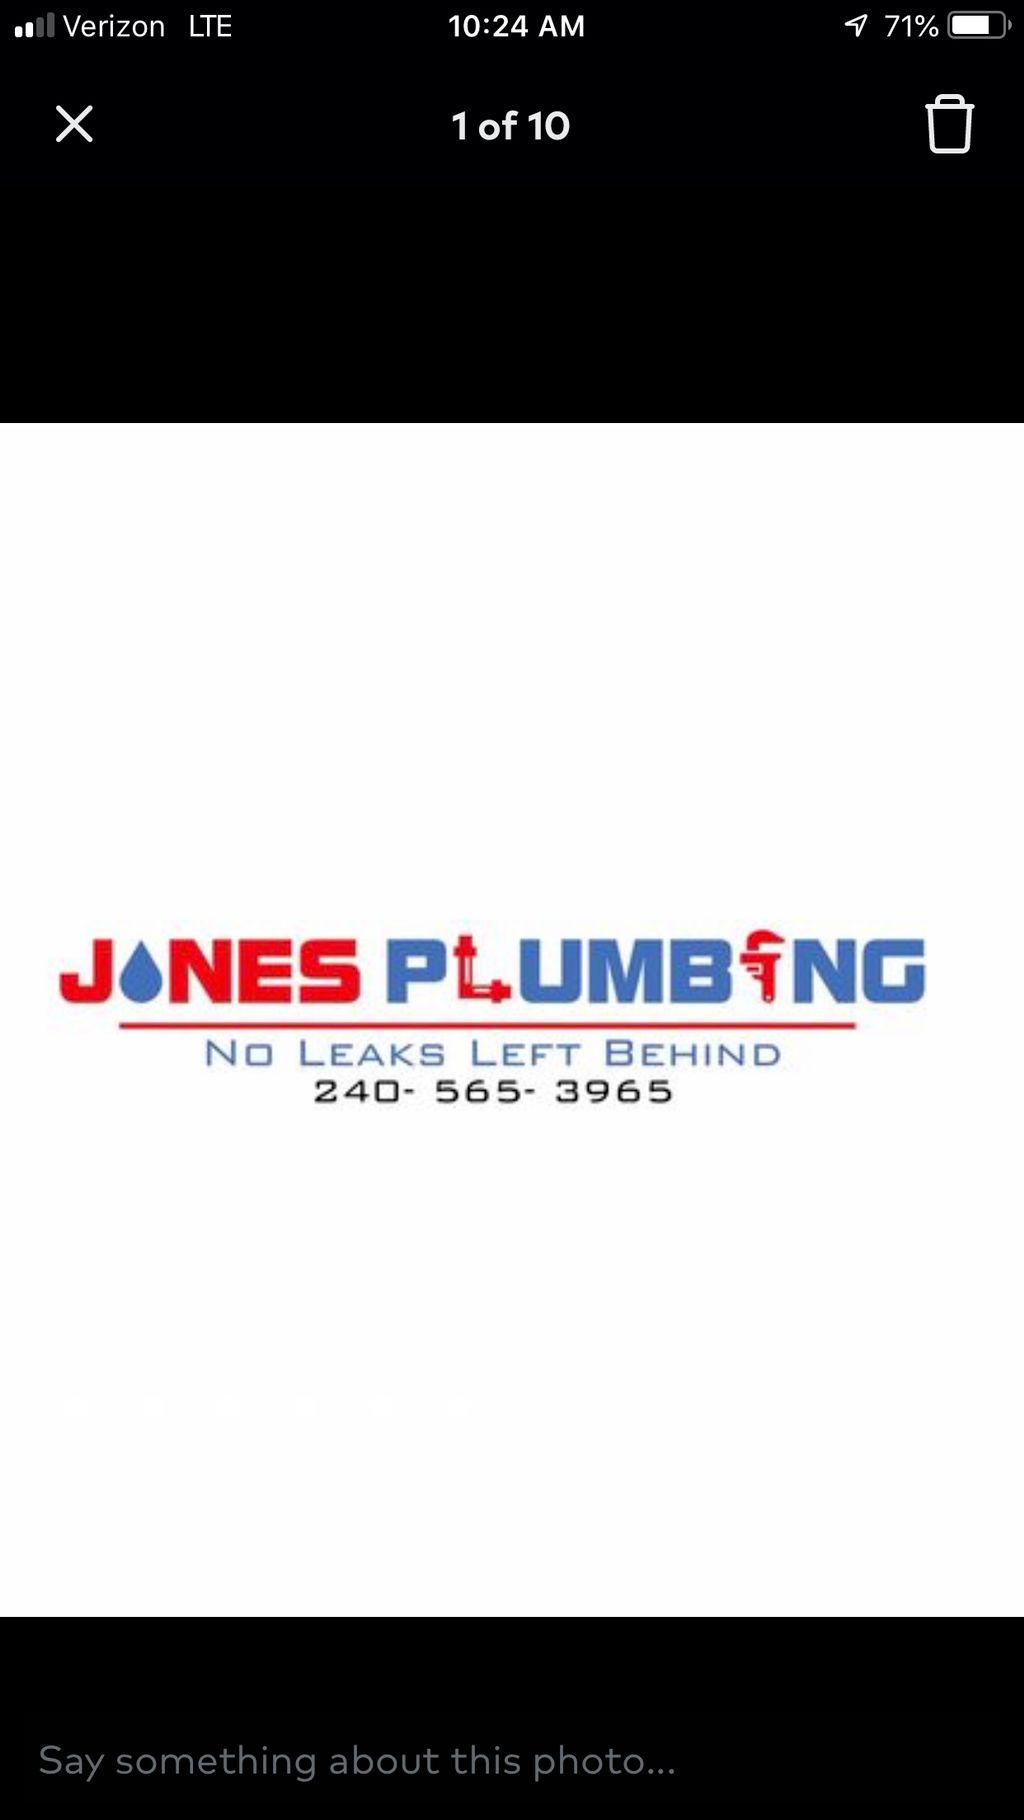 Jones Plumbing